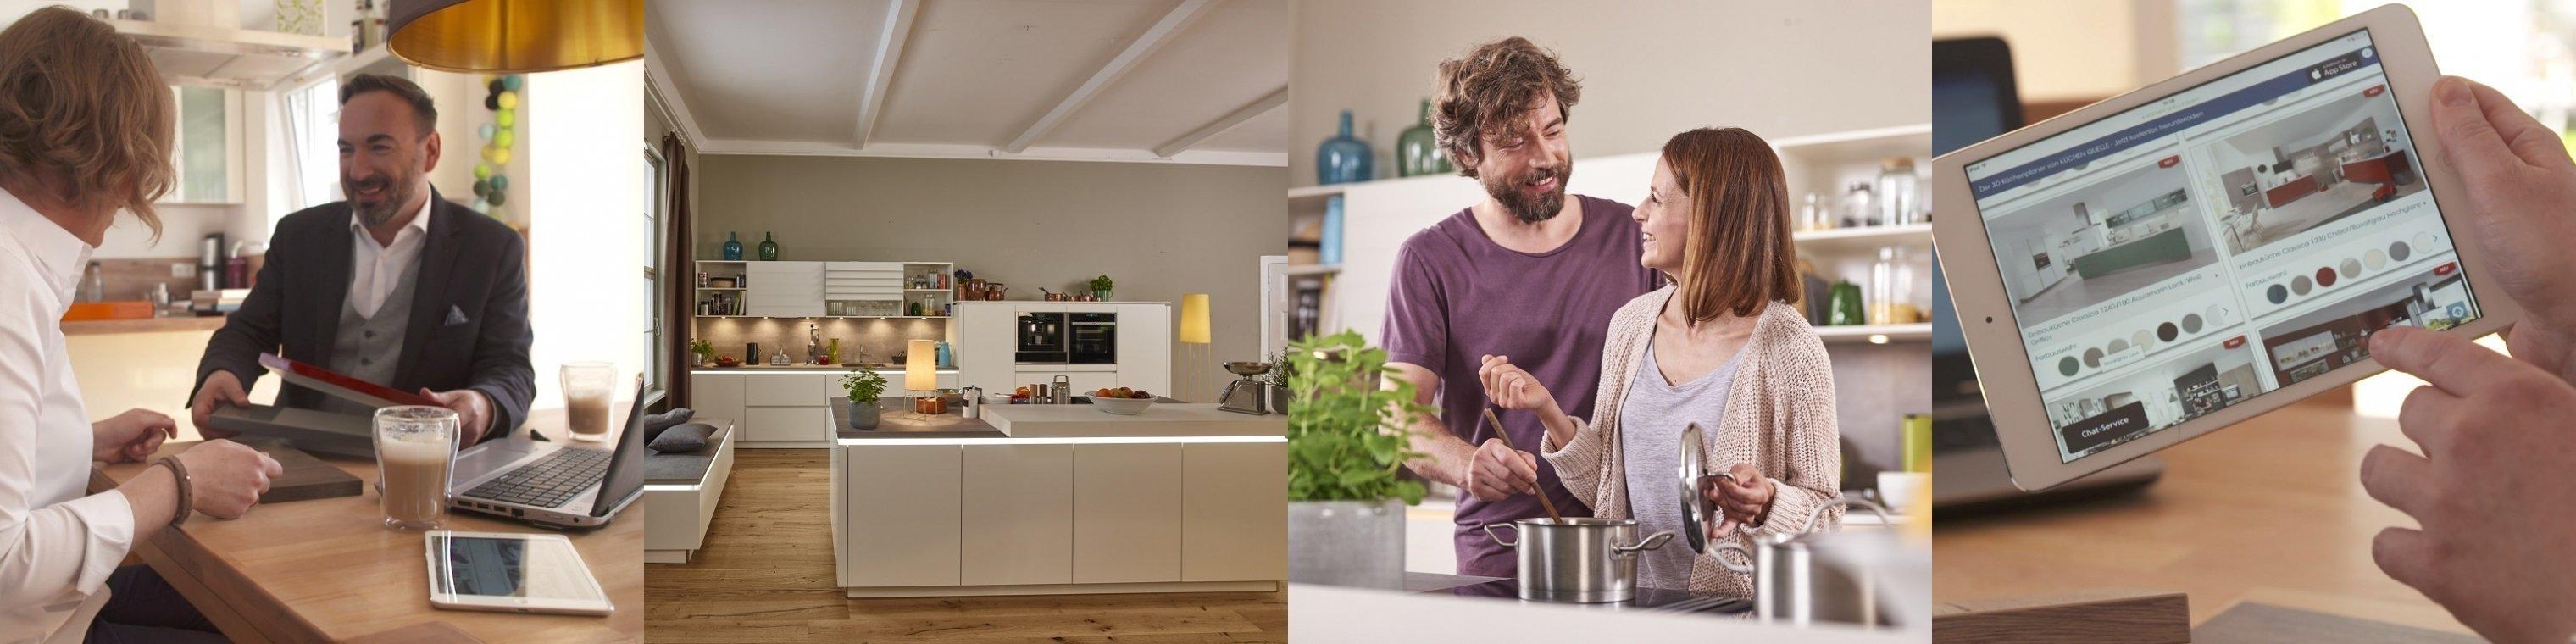 Küchen Quelle Erfahrungen: 19 Bewertungen von Mitarbeitern  kununu